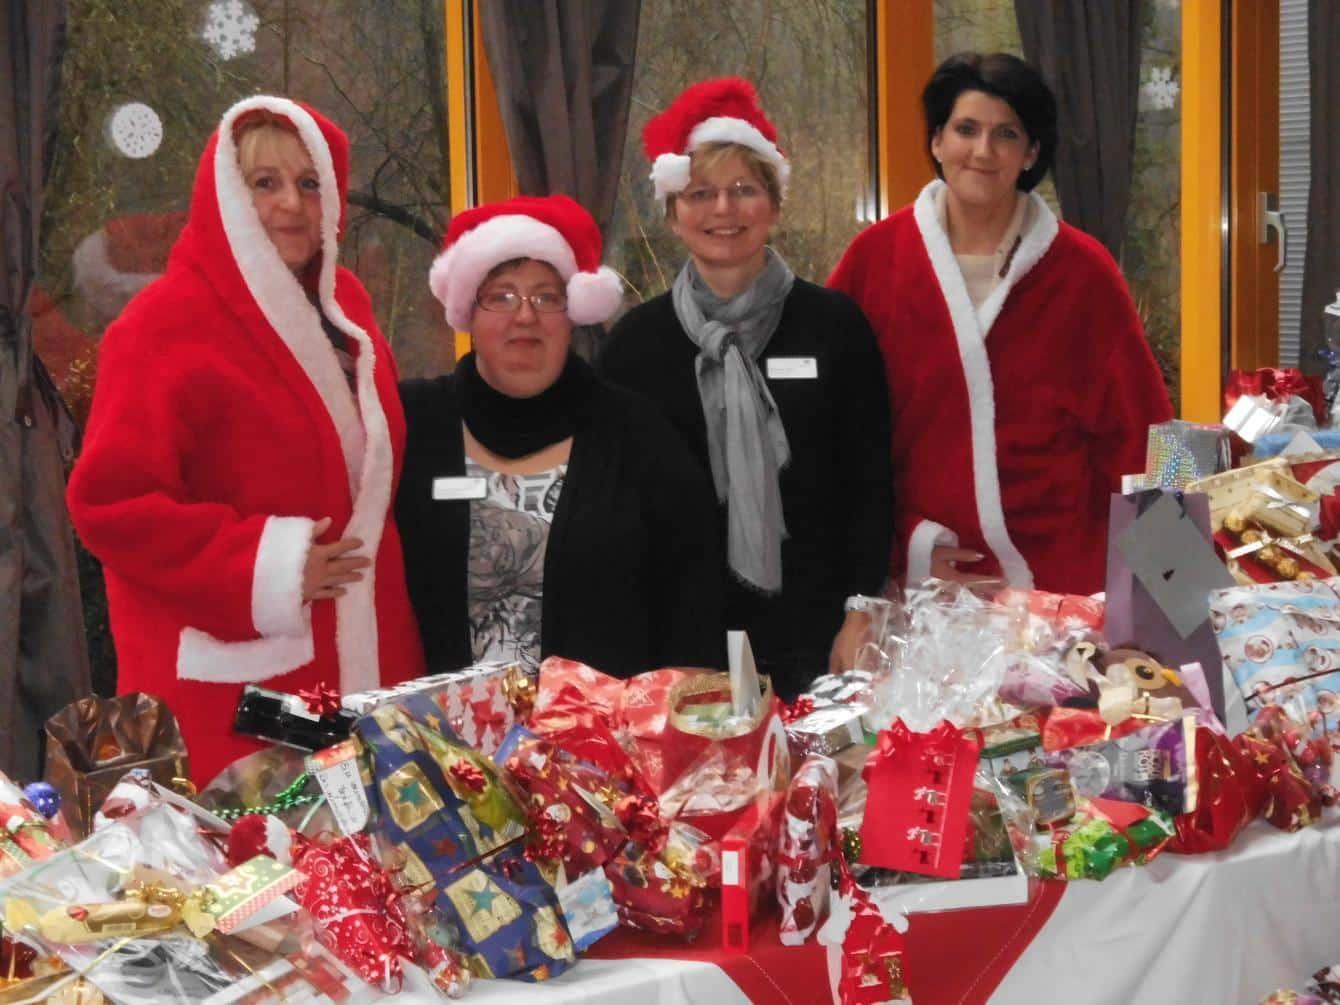 Familiäre Weihnachtsgrüße.Weihnachtsgrüße Aus Baden Baden Maternus Seniorencentrum